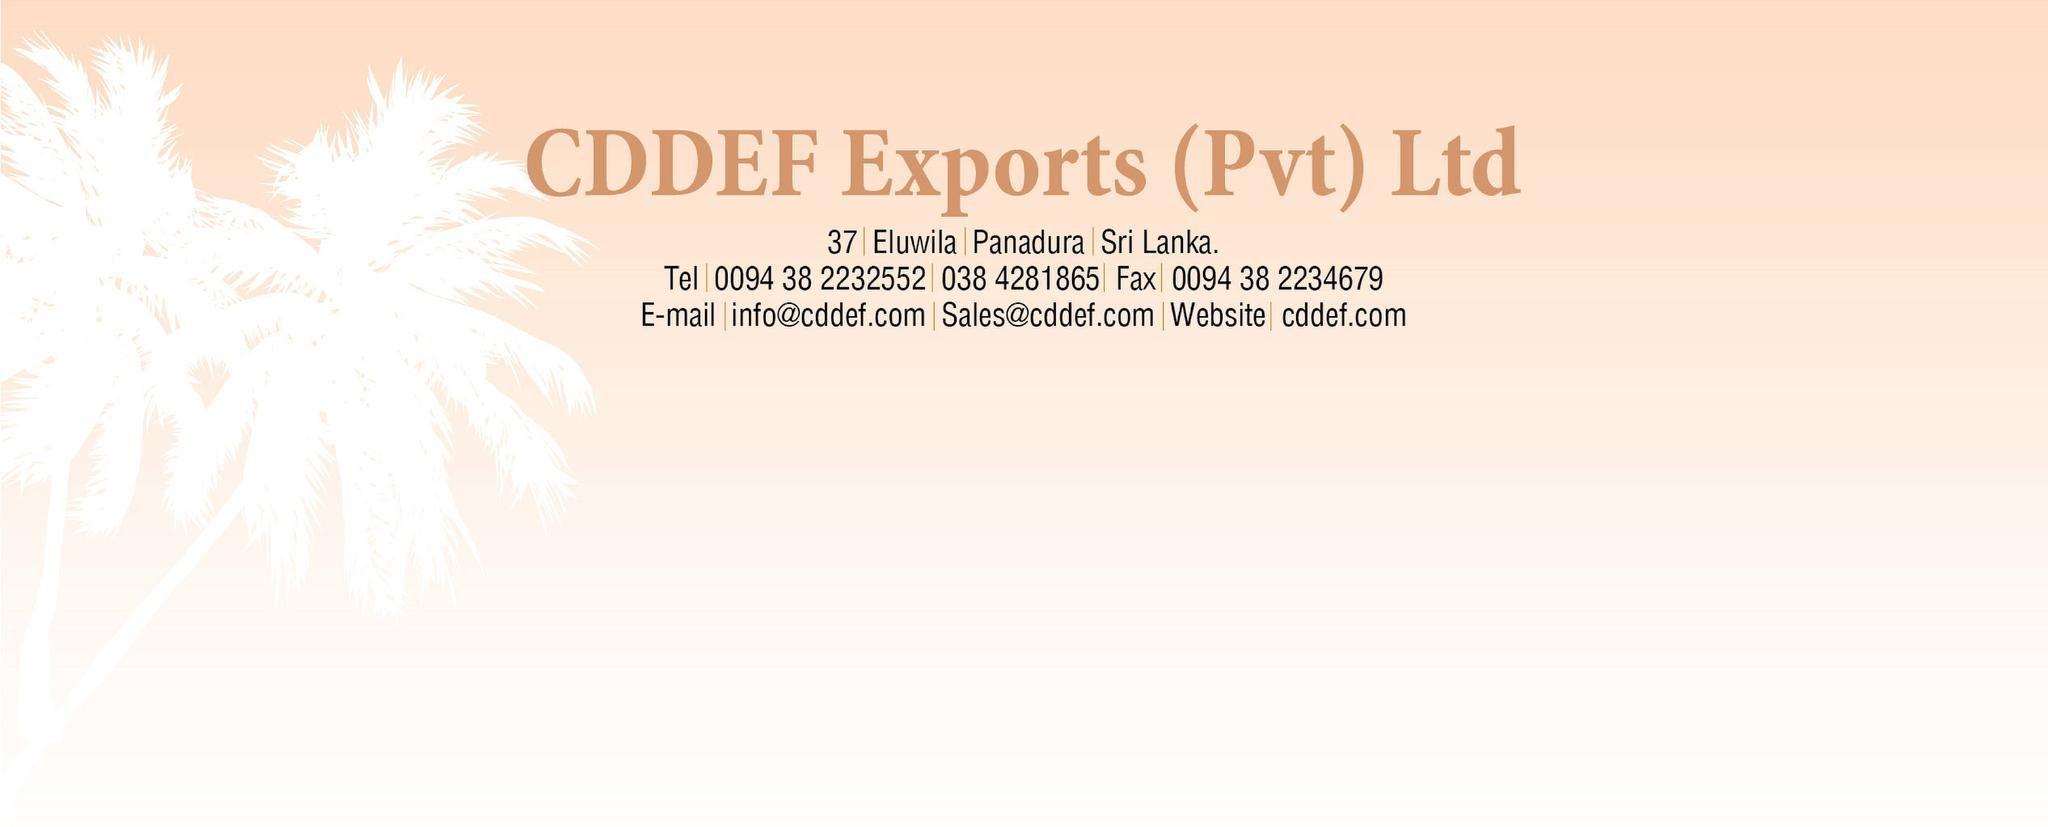 CDDEF EXPORTS (PVT) LTD